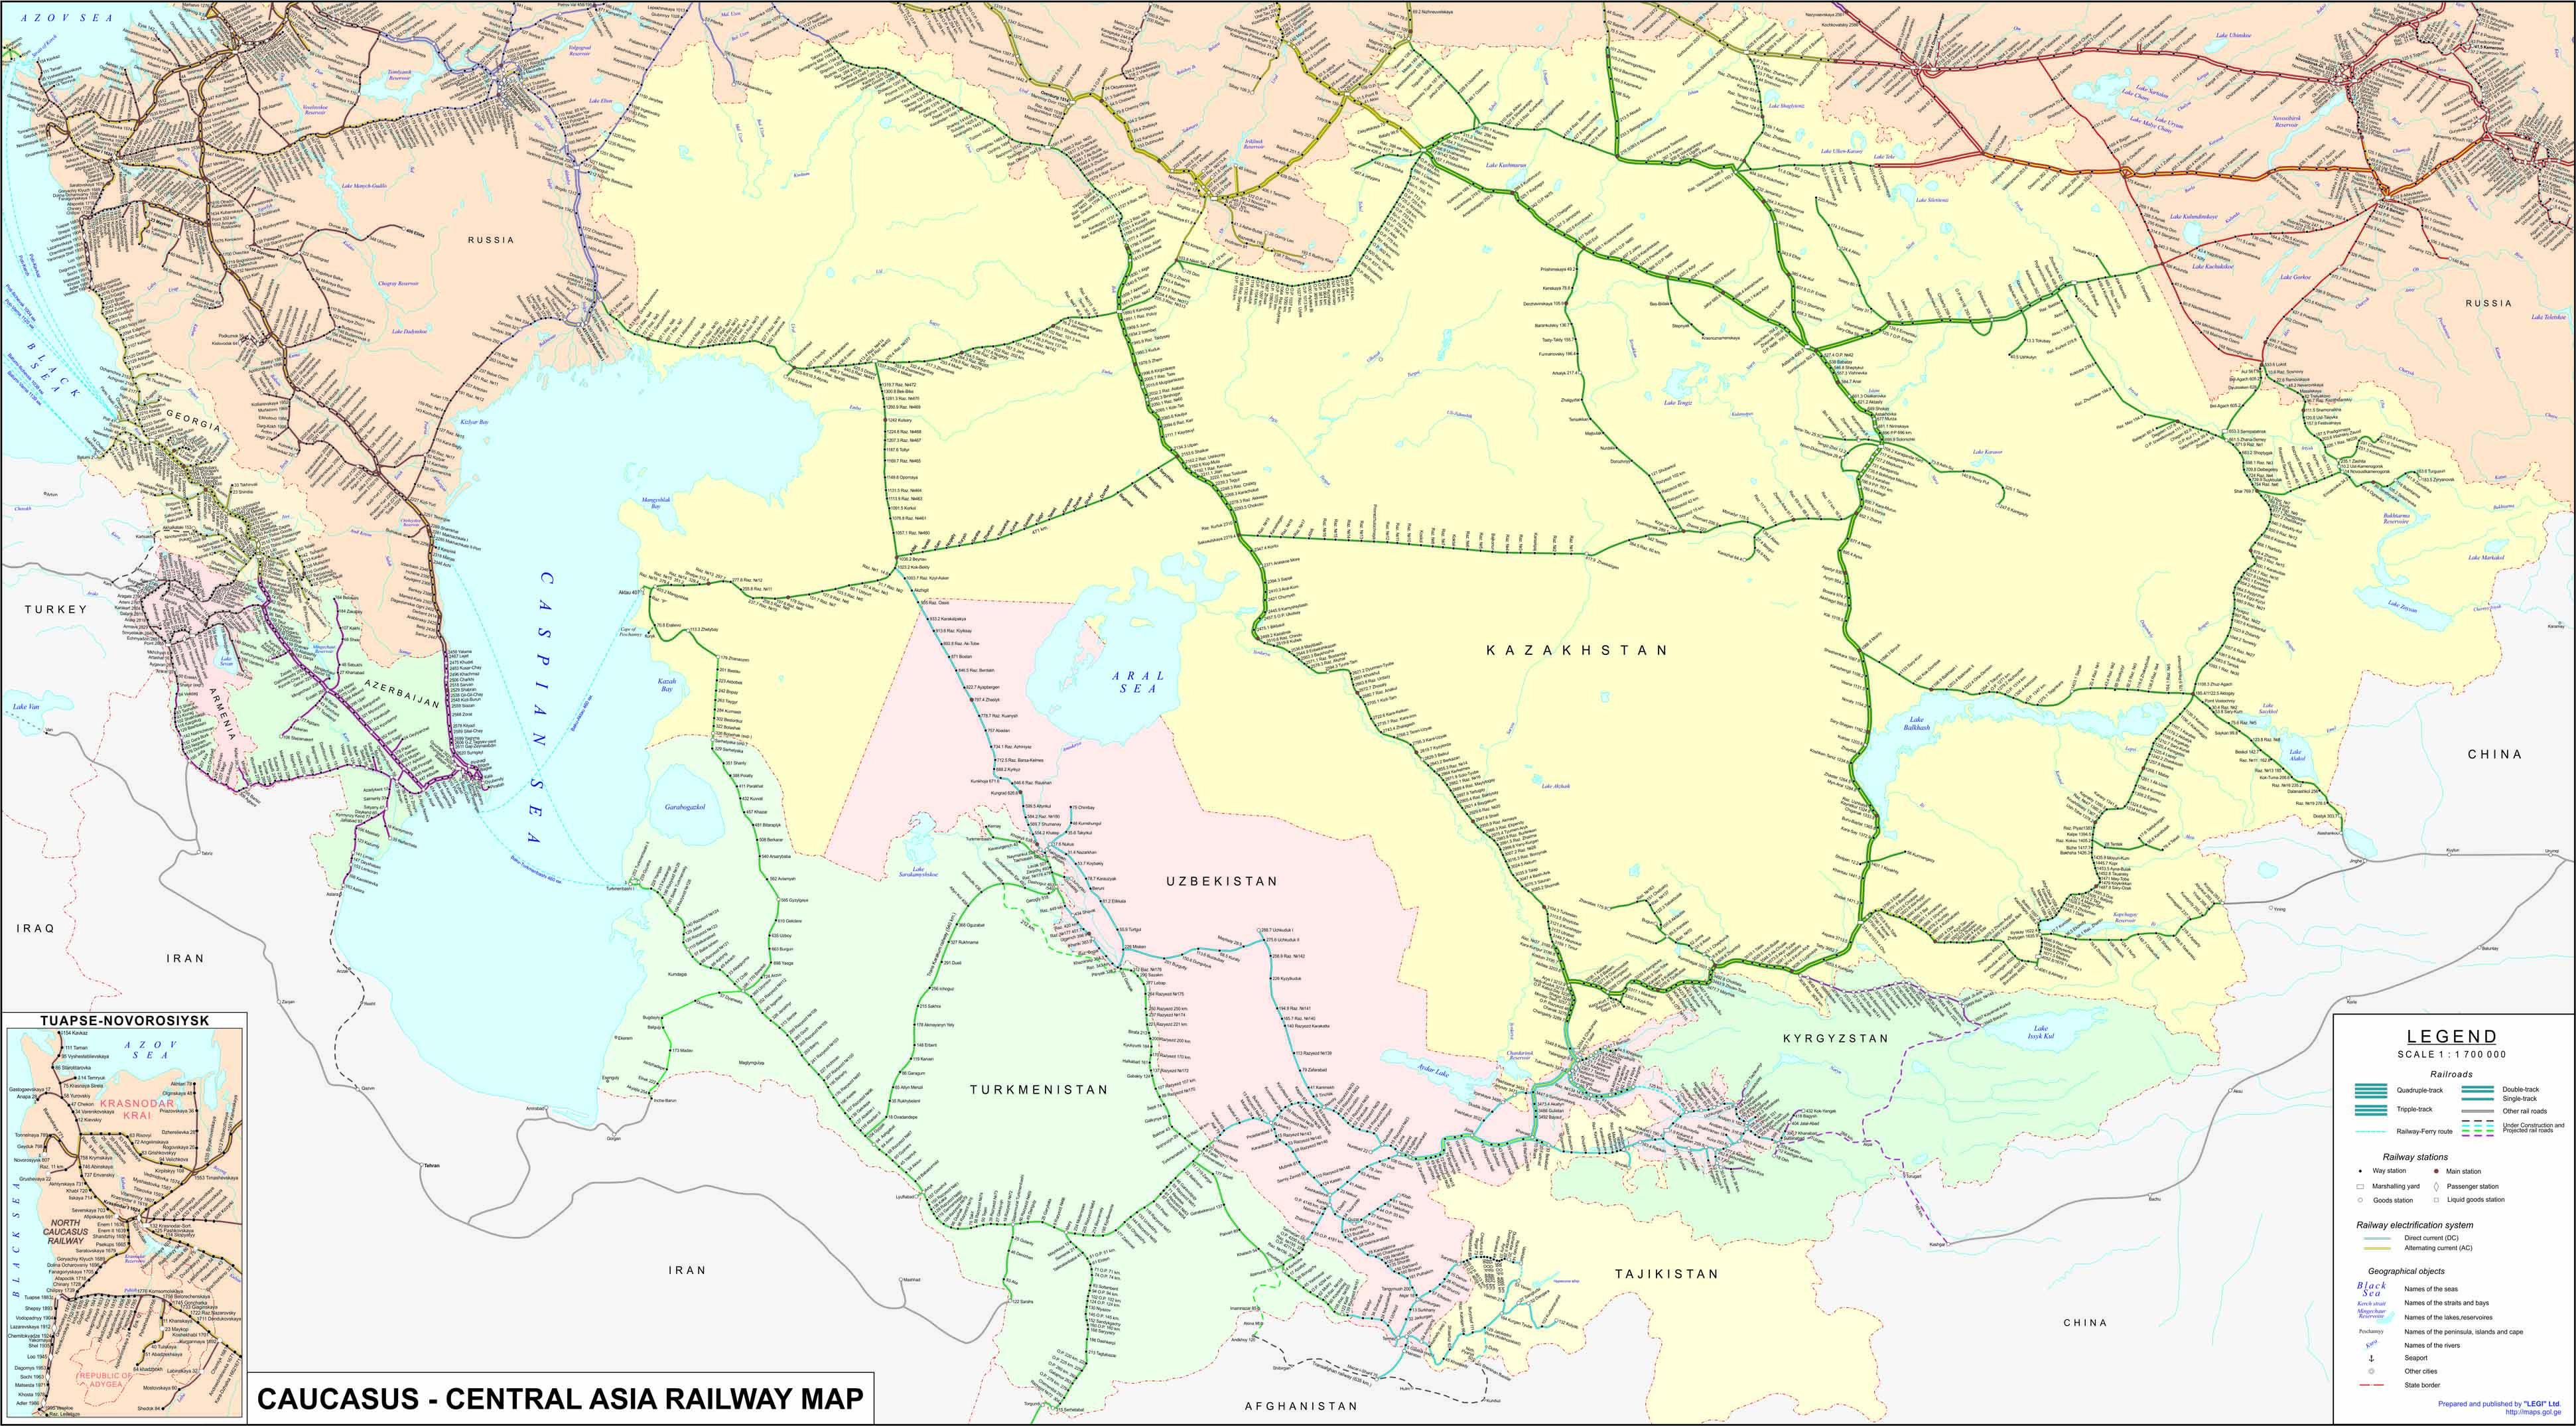 Map Of Asia Railways.Caucasus Central Asia Railway Map ტტტტ Map